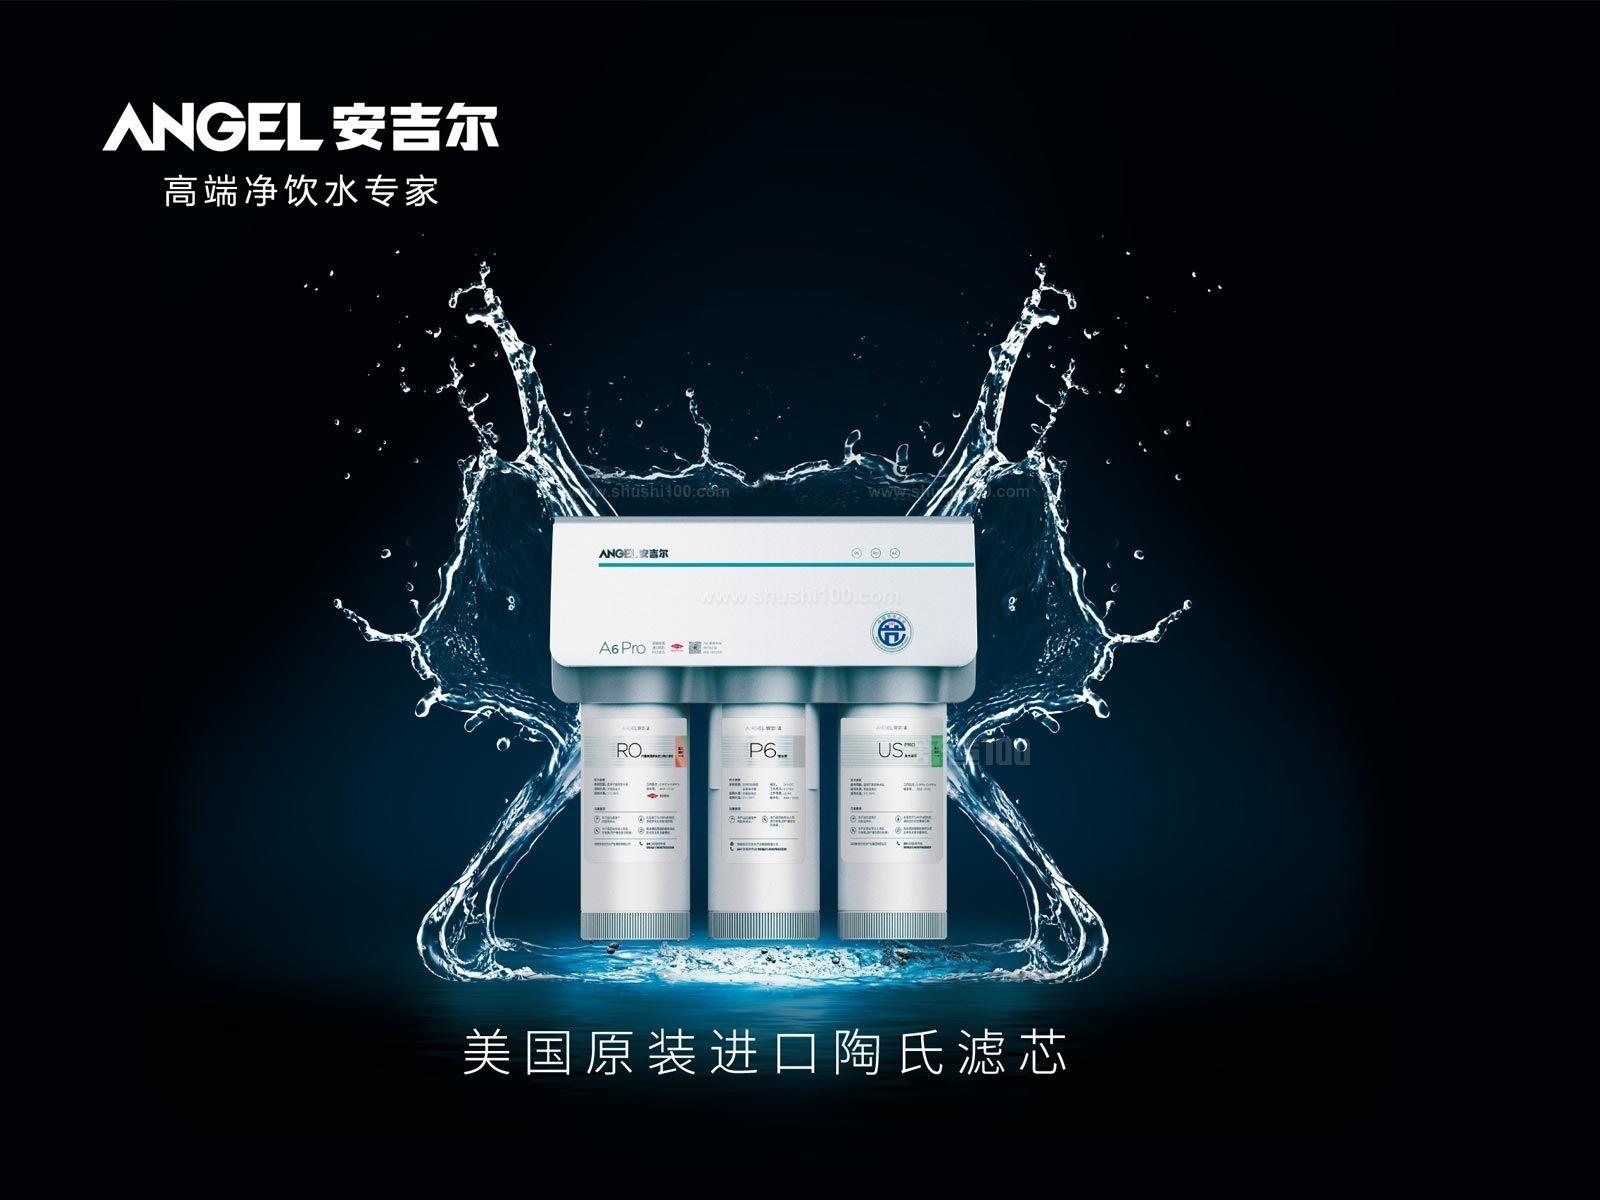 安吉尔净水器品牌招商该如何在净水行业步步为赢、稳扎稳打